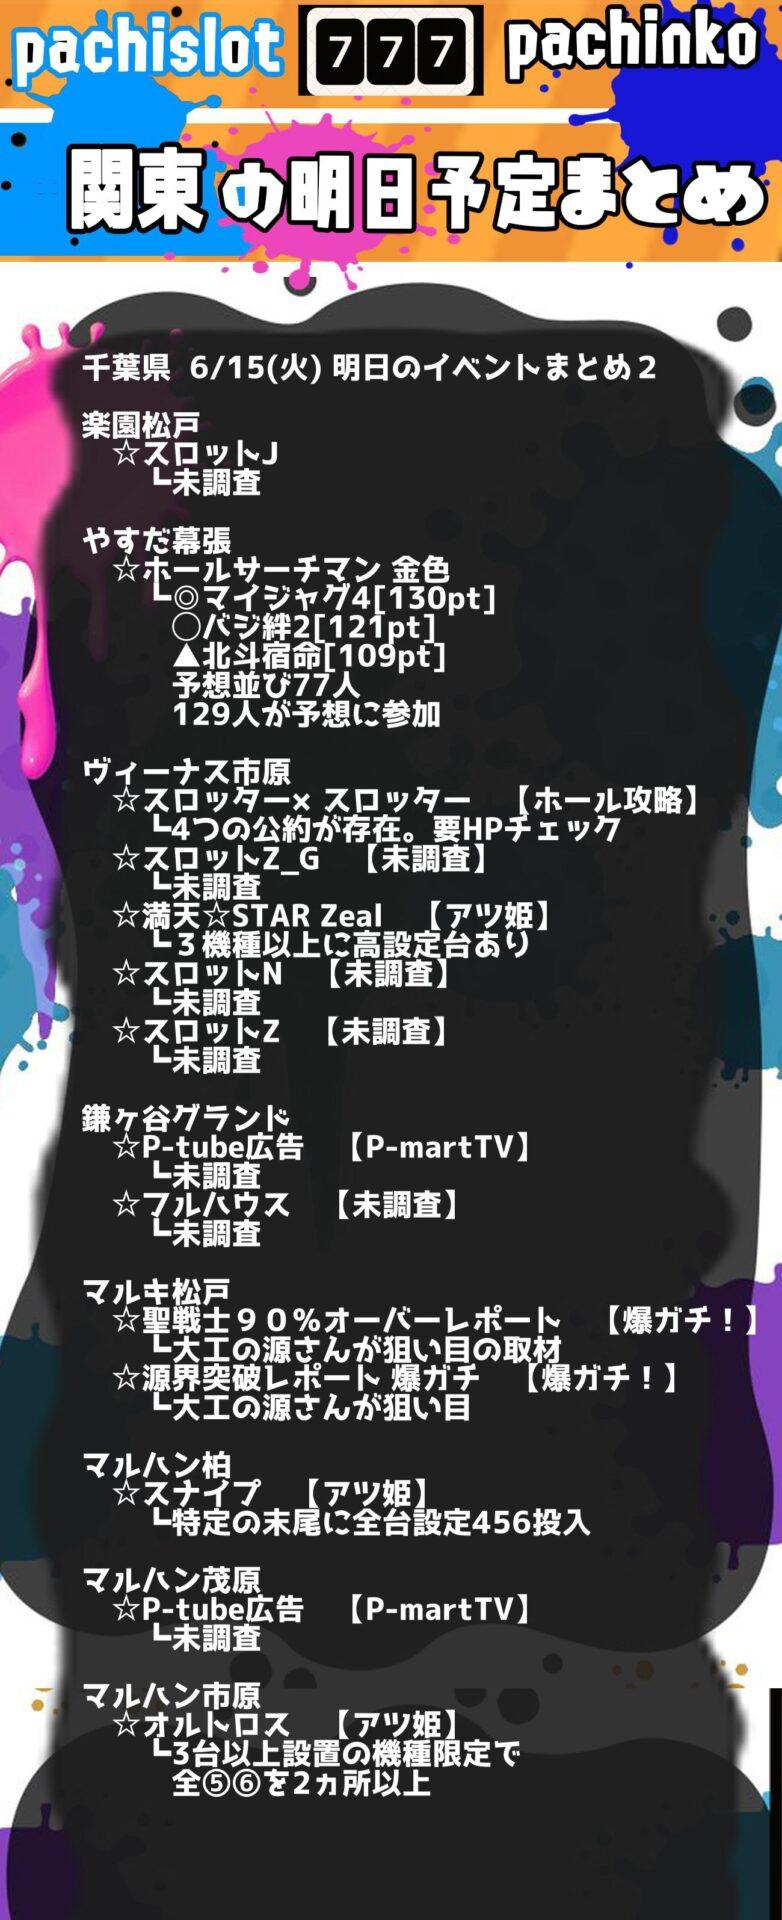 千葉県_2021-06-15_パチンコ・パチスロ_イベント